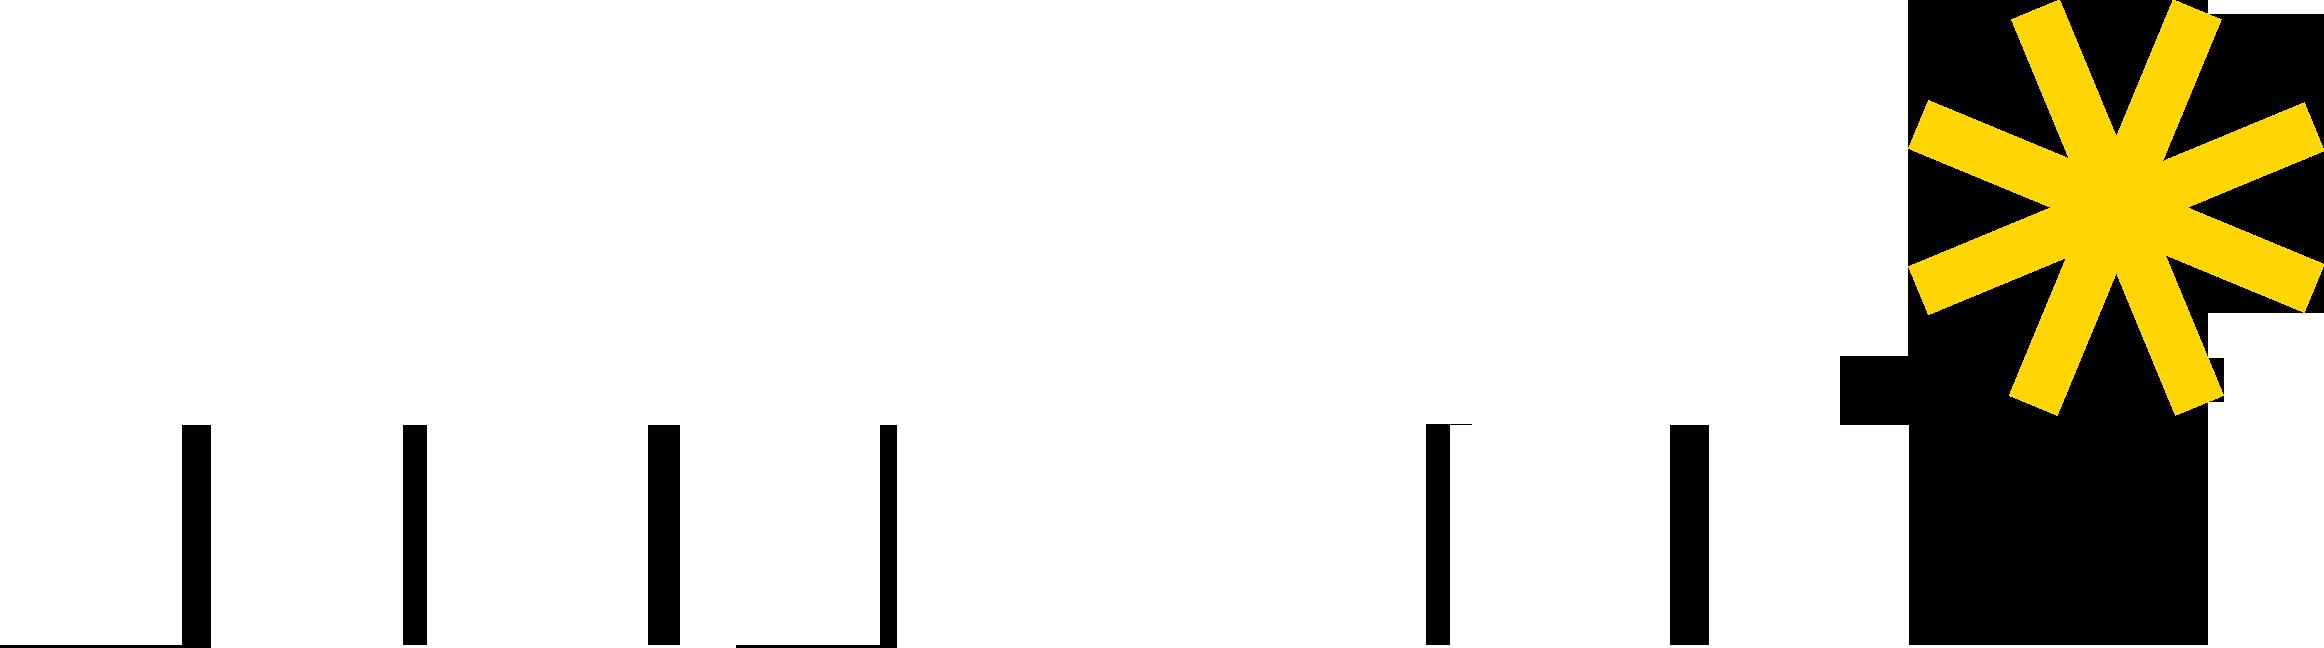 Turun Ammattikorkeakoulu